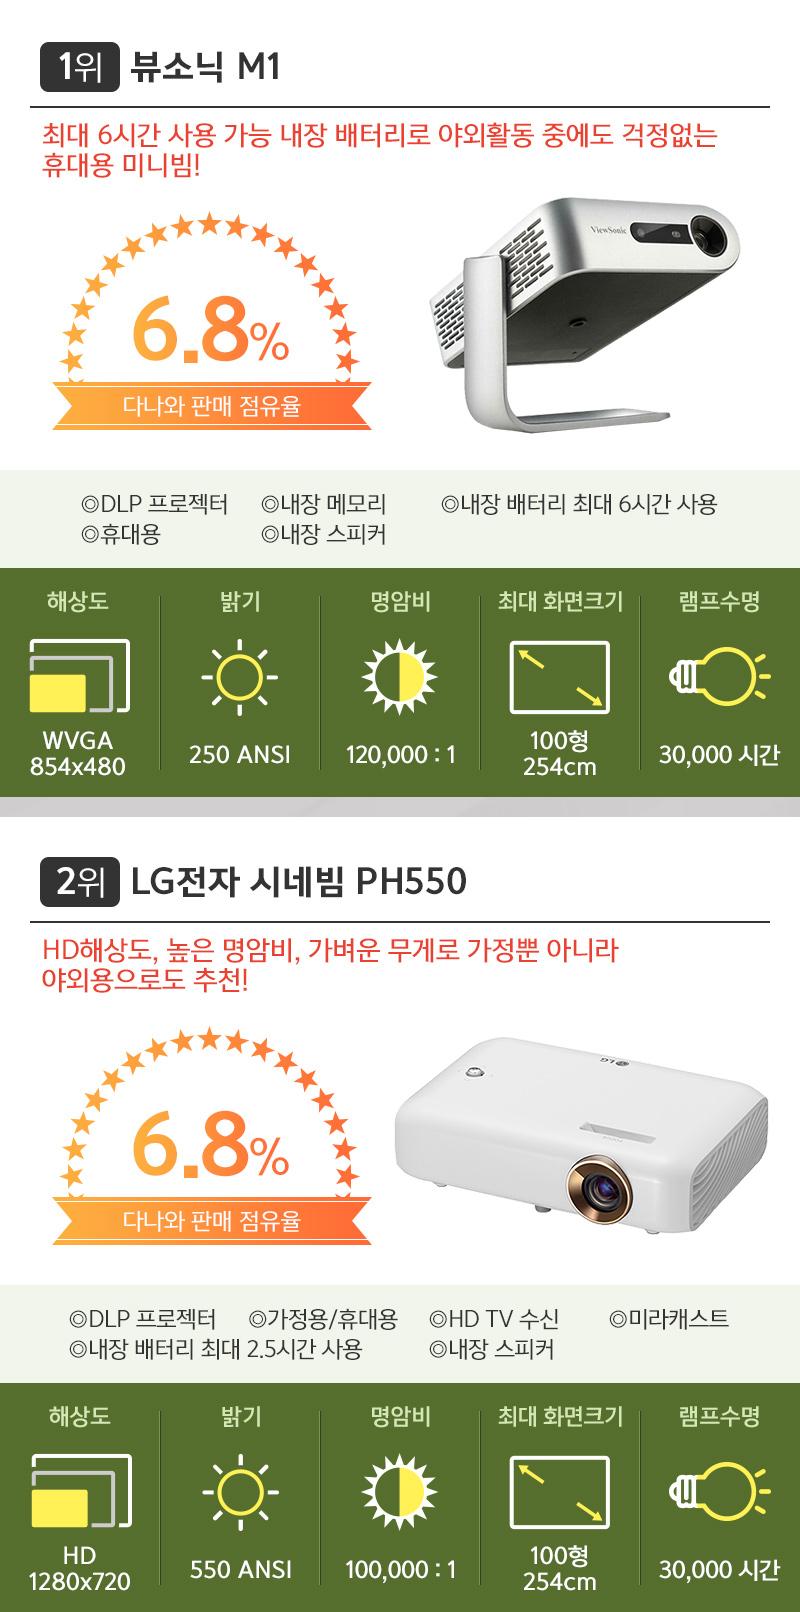 1위 뷰소닉 M1. 2위 LG전자 시네빔 PH550